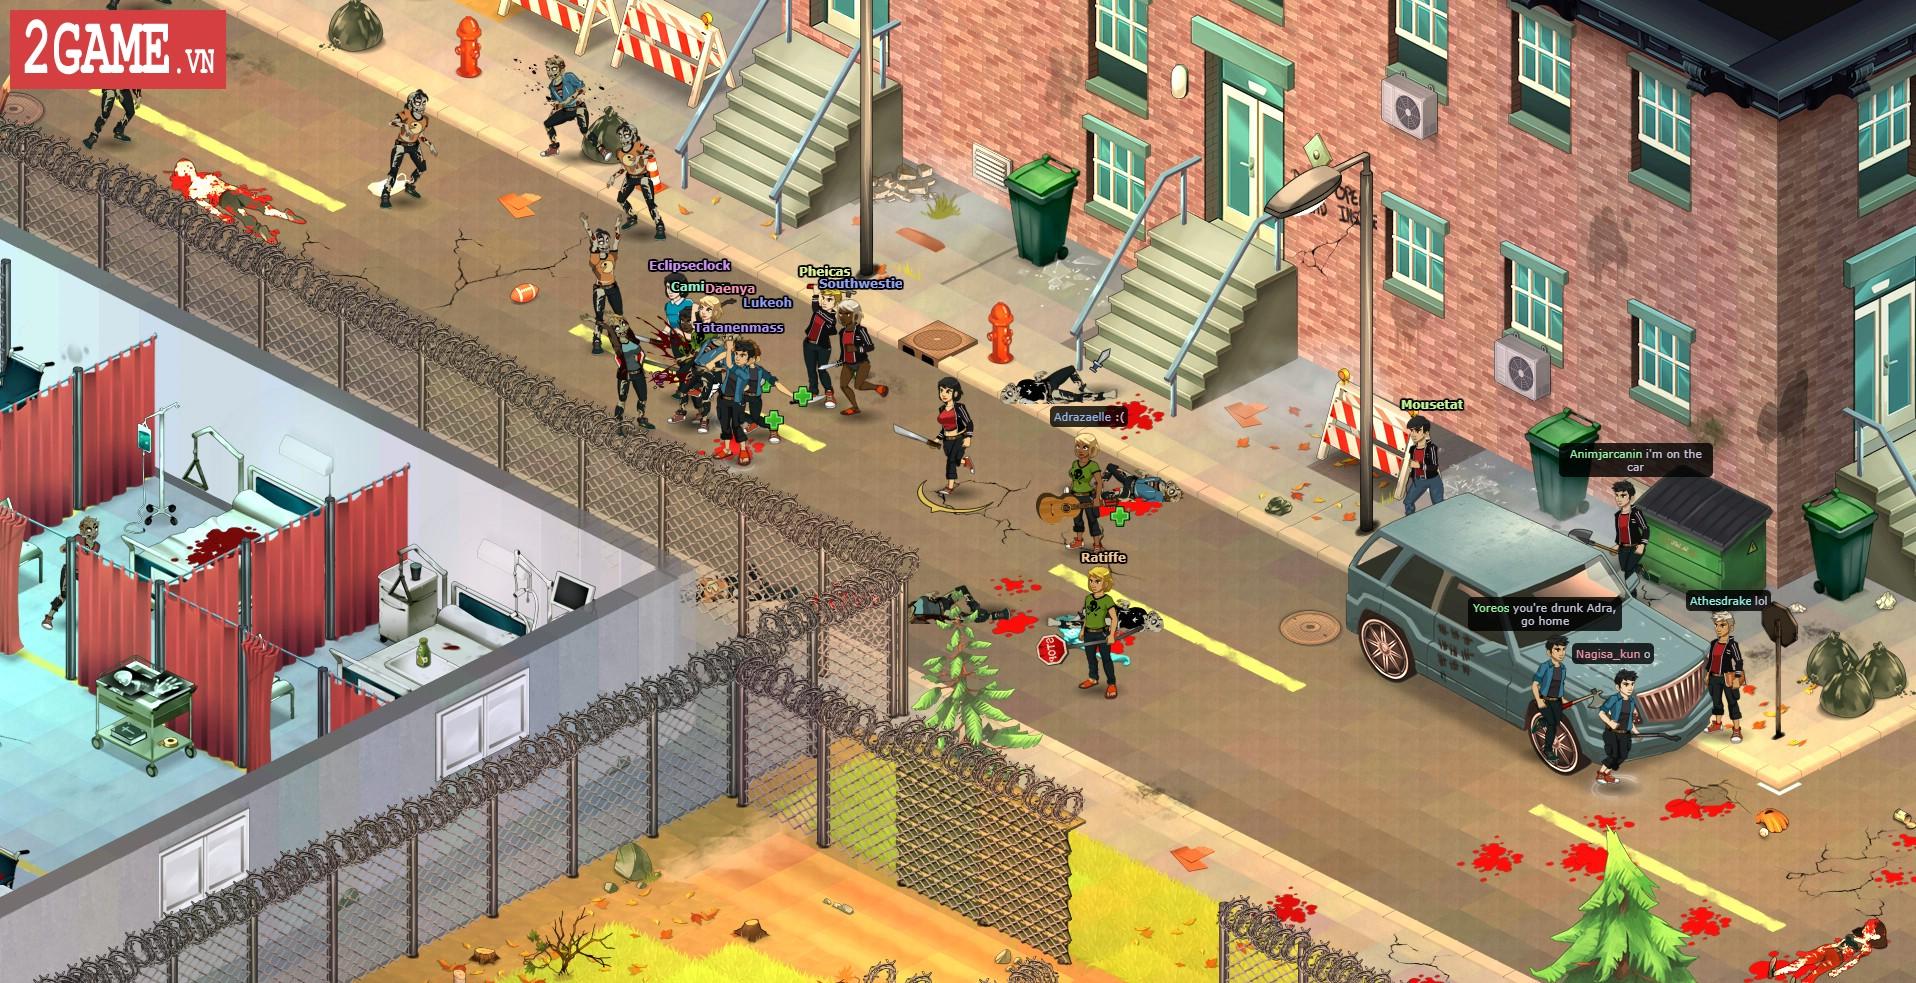 Dead Maze – Hé lộ dự án game nhập vai thế giới mở mới đầy đột phá 8